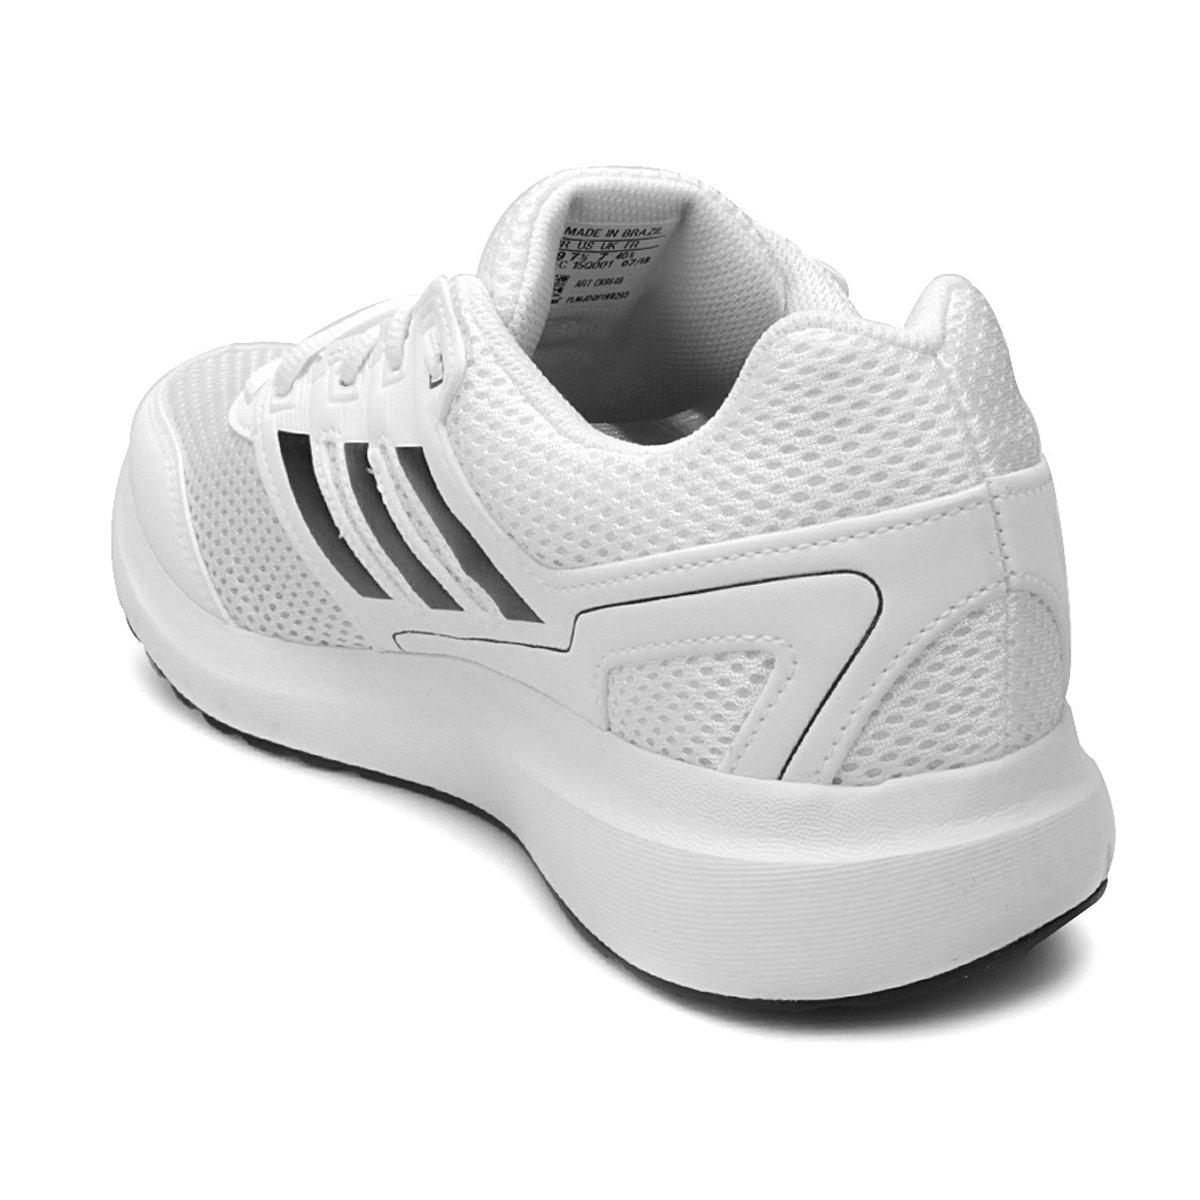 Tênis Adidas Duramo Lite 2.0 Masculino - Branco e Preto - Compre ... 6705160776a63